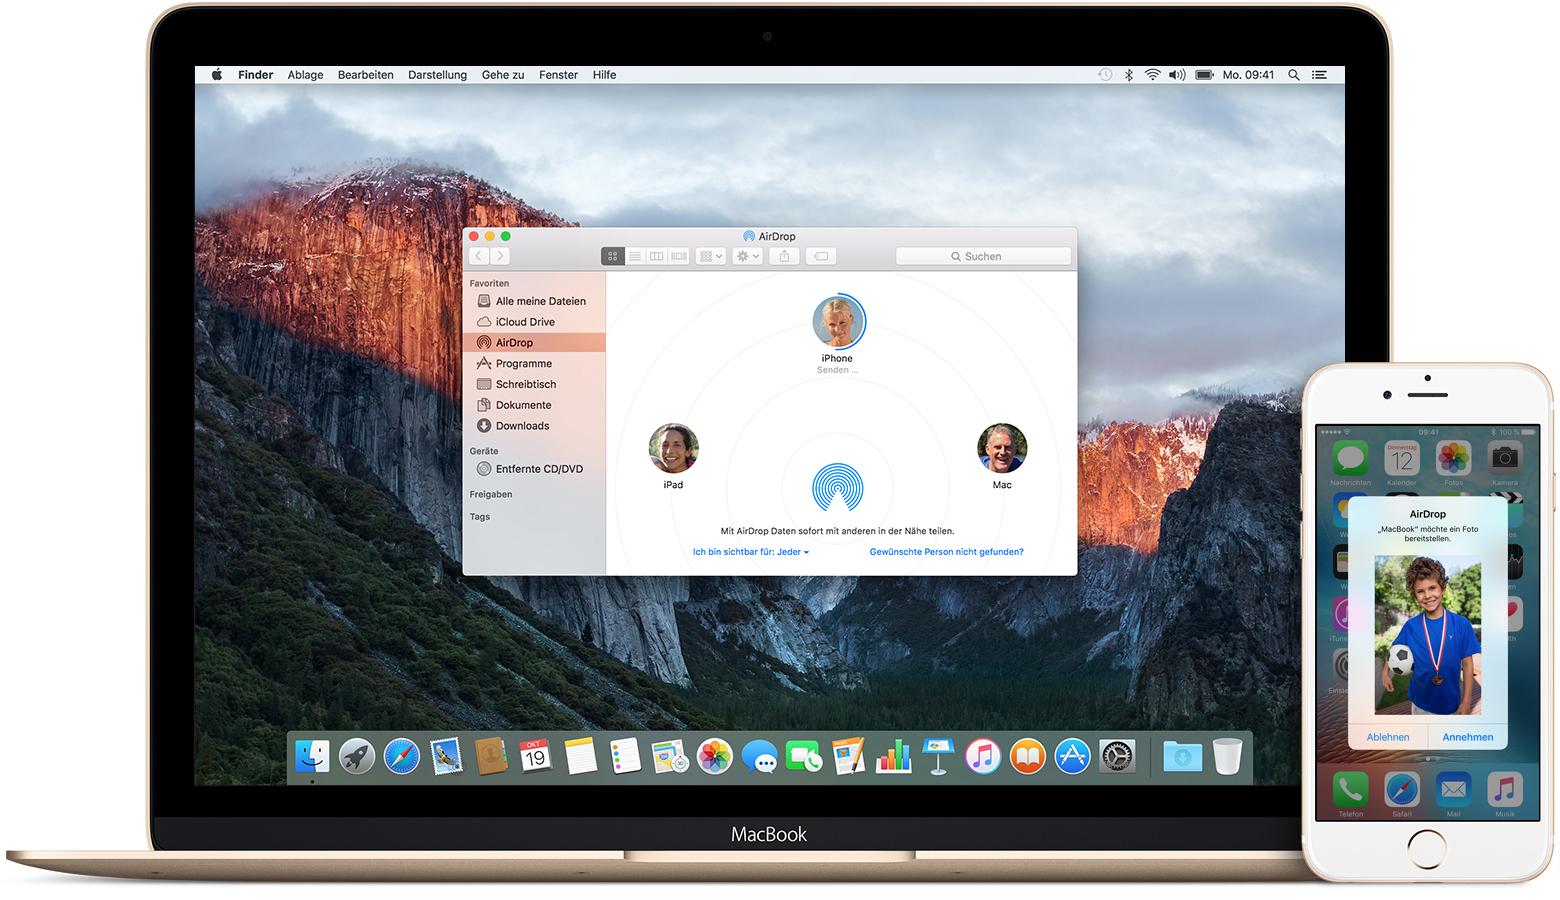 daten übertragen iphone macbook